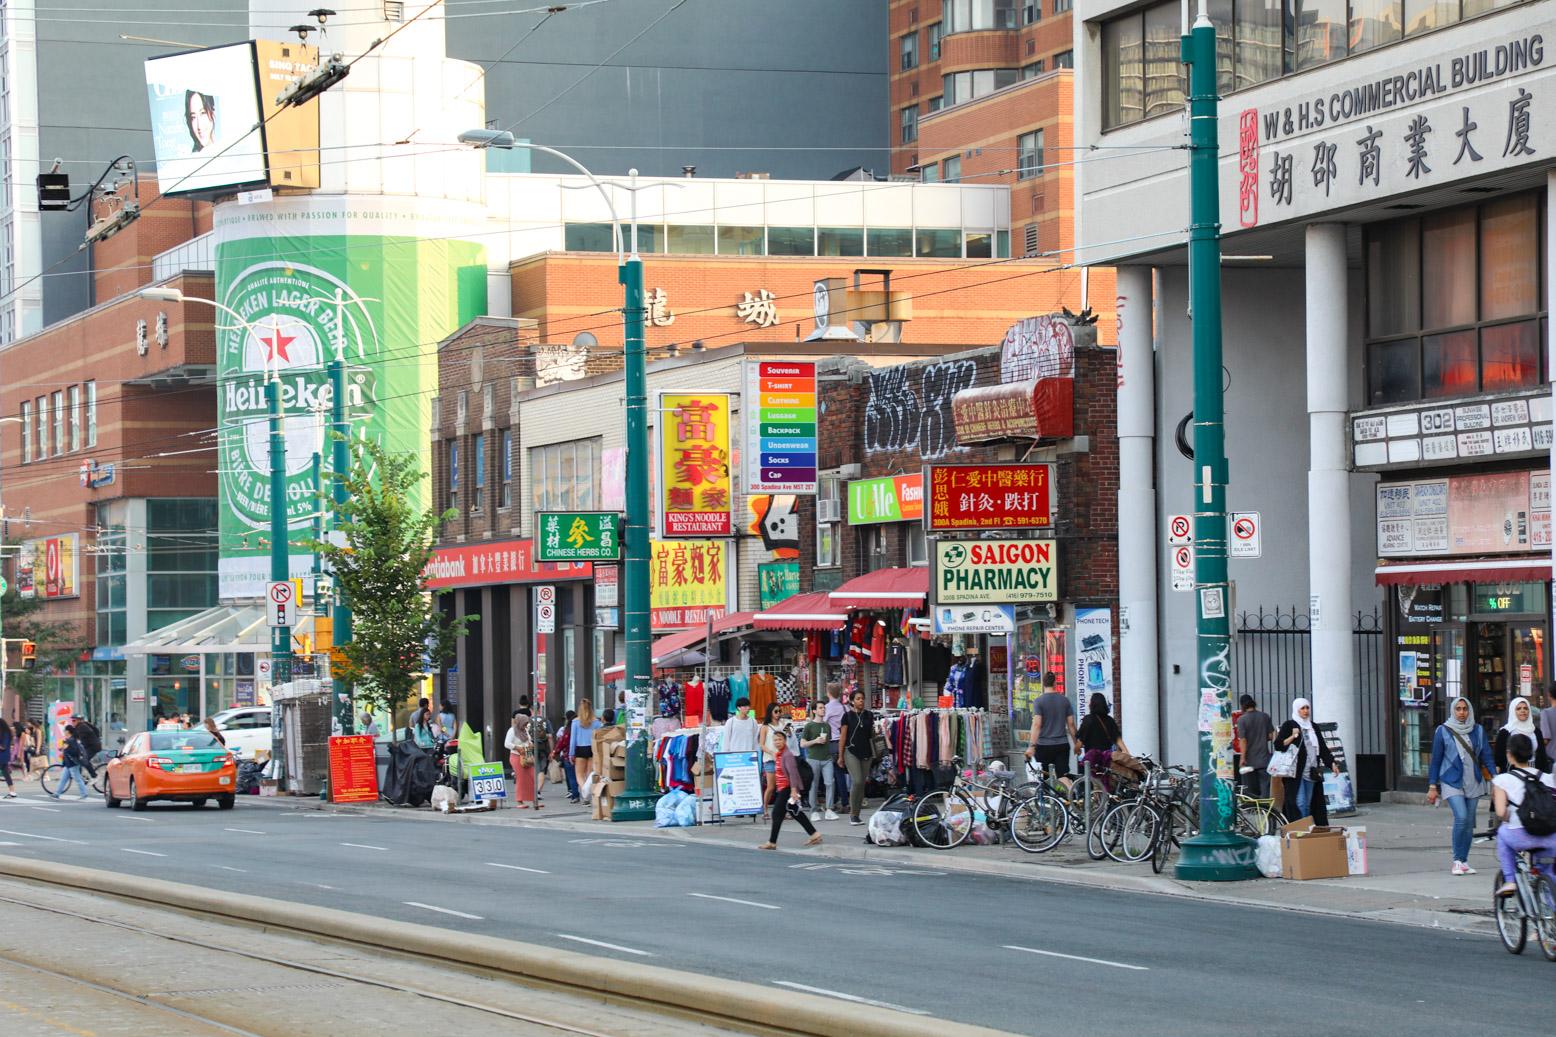 Chinatown, de Chinese wijk van Toronto